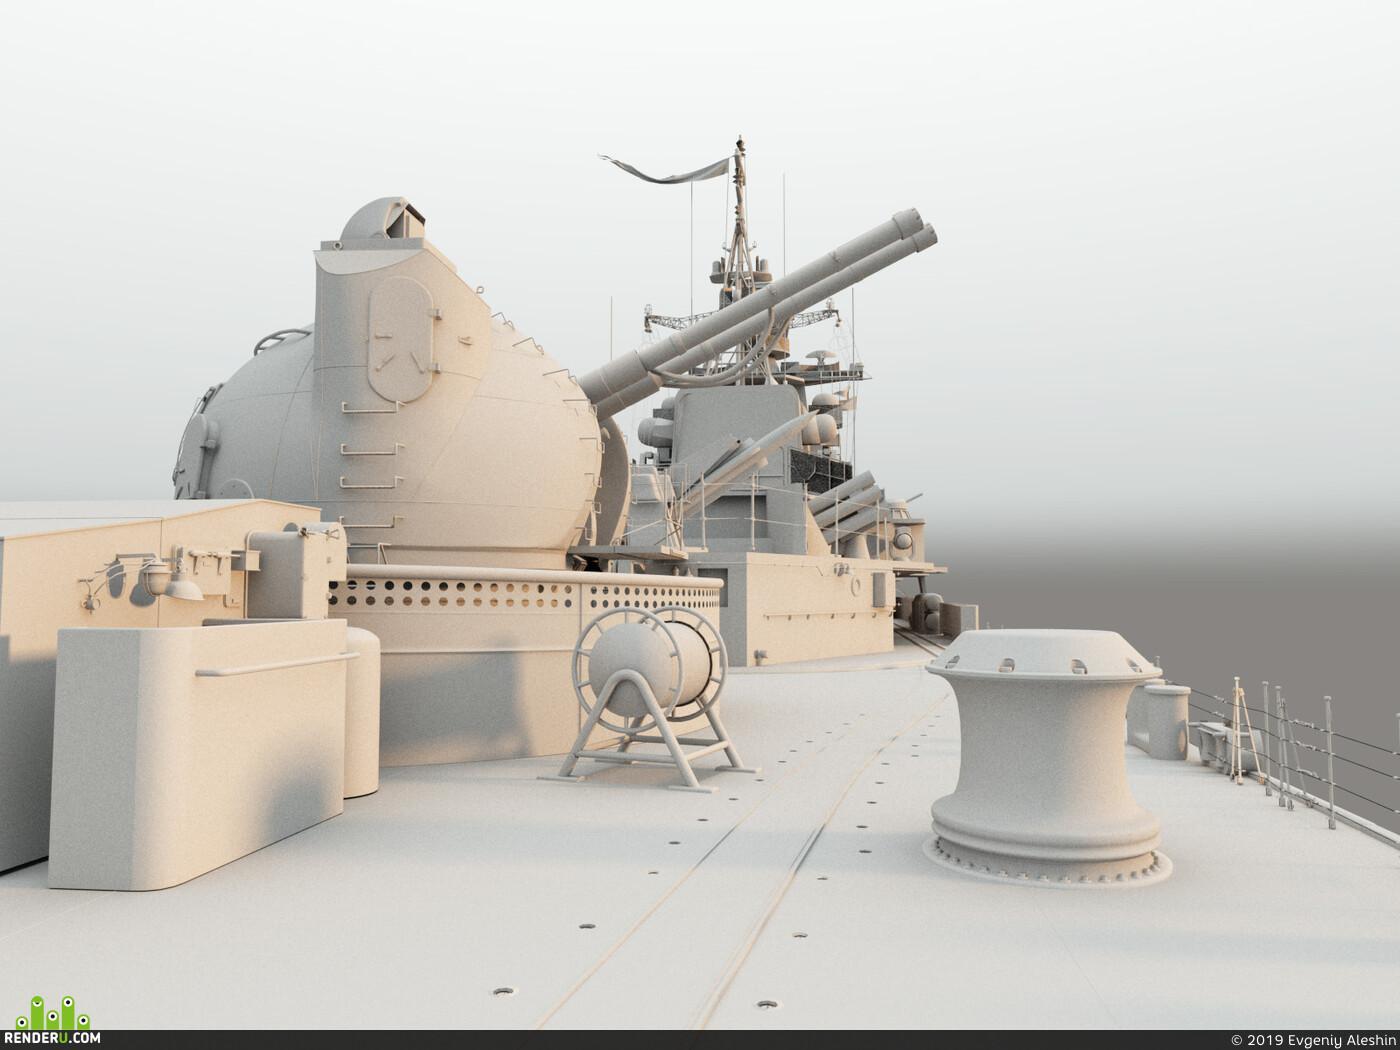 морская артиллерия, ак -130, эсминец пр 956, а-218, Пушка, орудие, море, выстрел, военный корабль